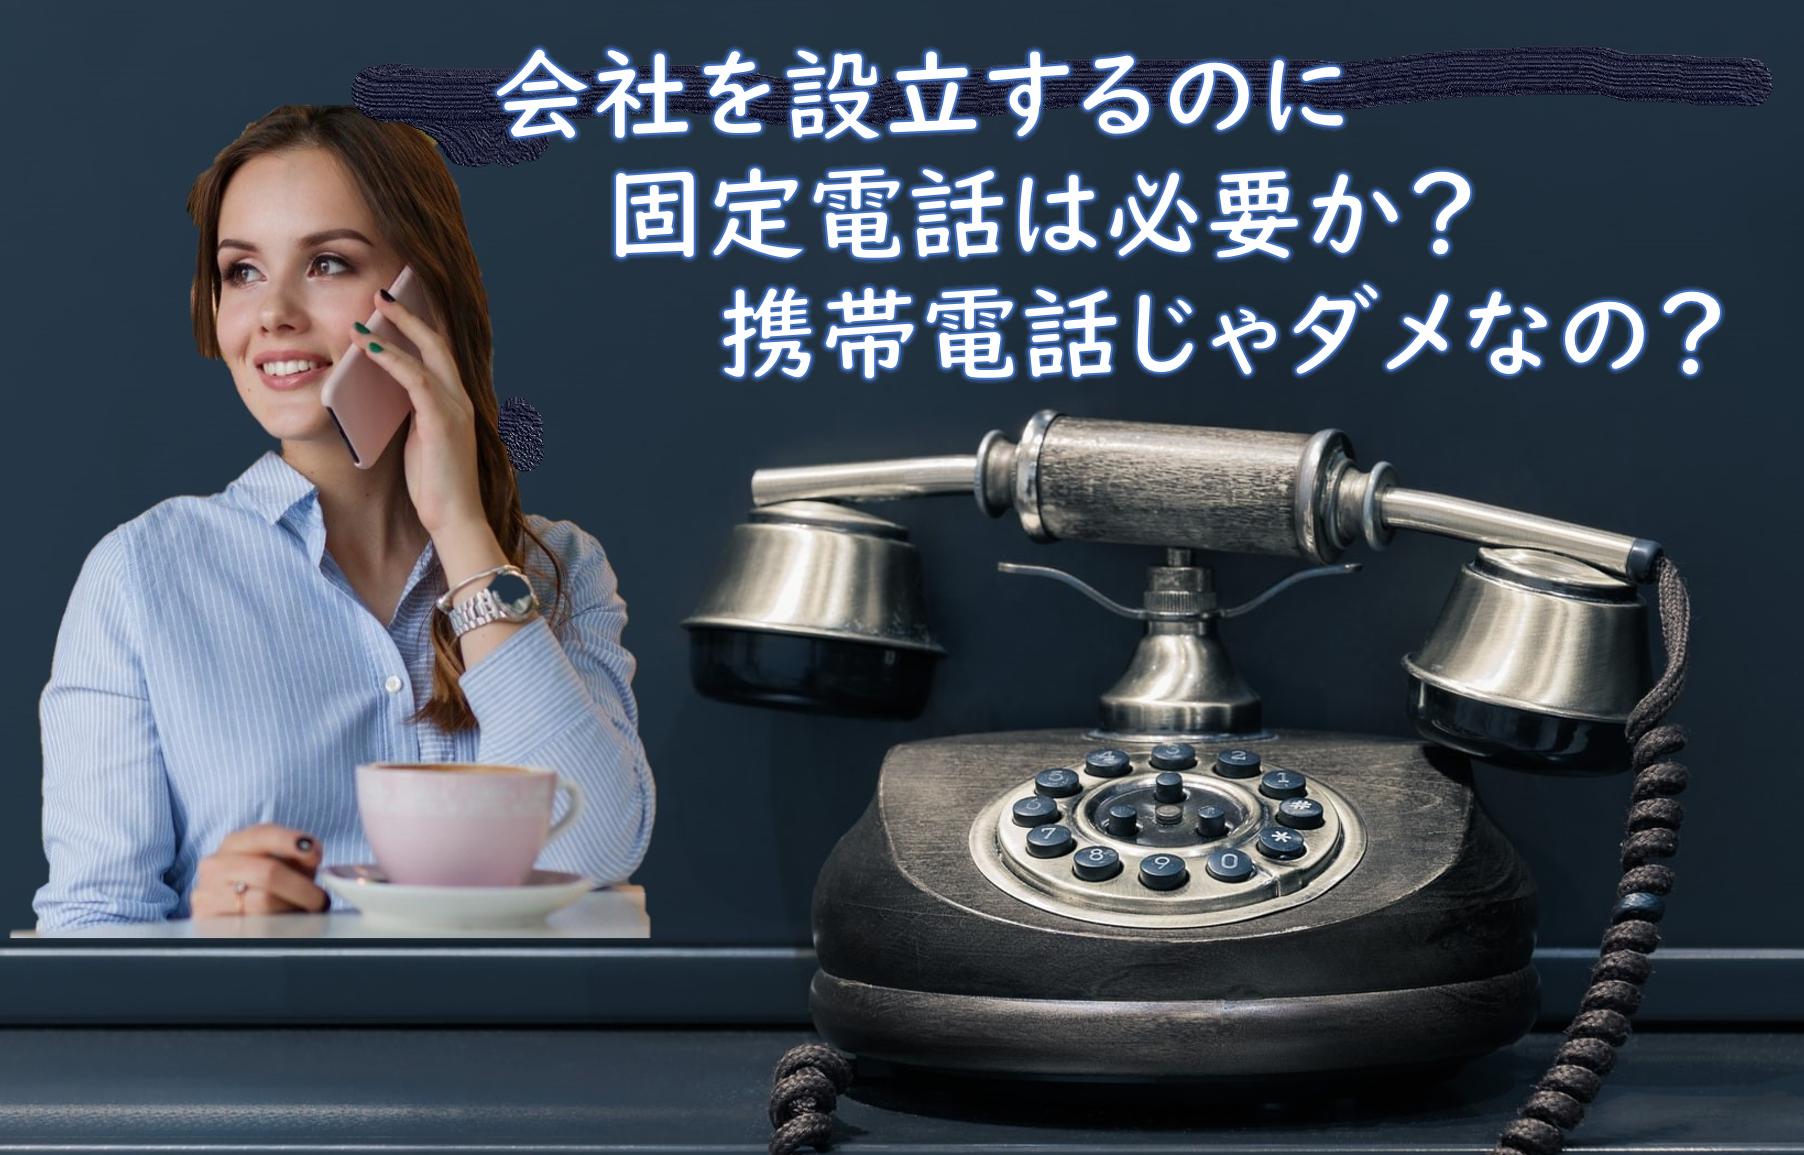 会社設立に固定電話は必要か?